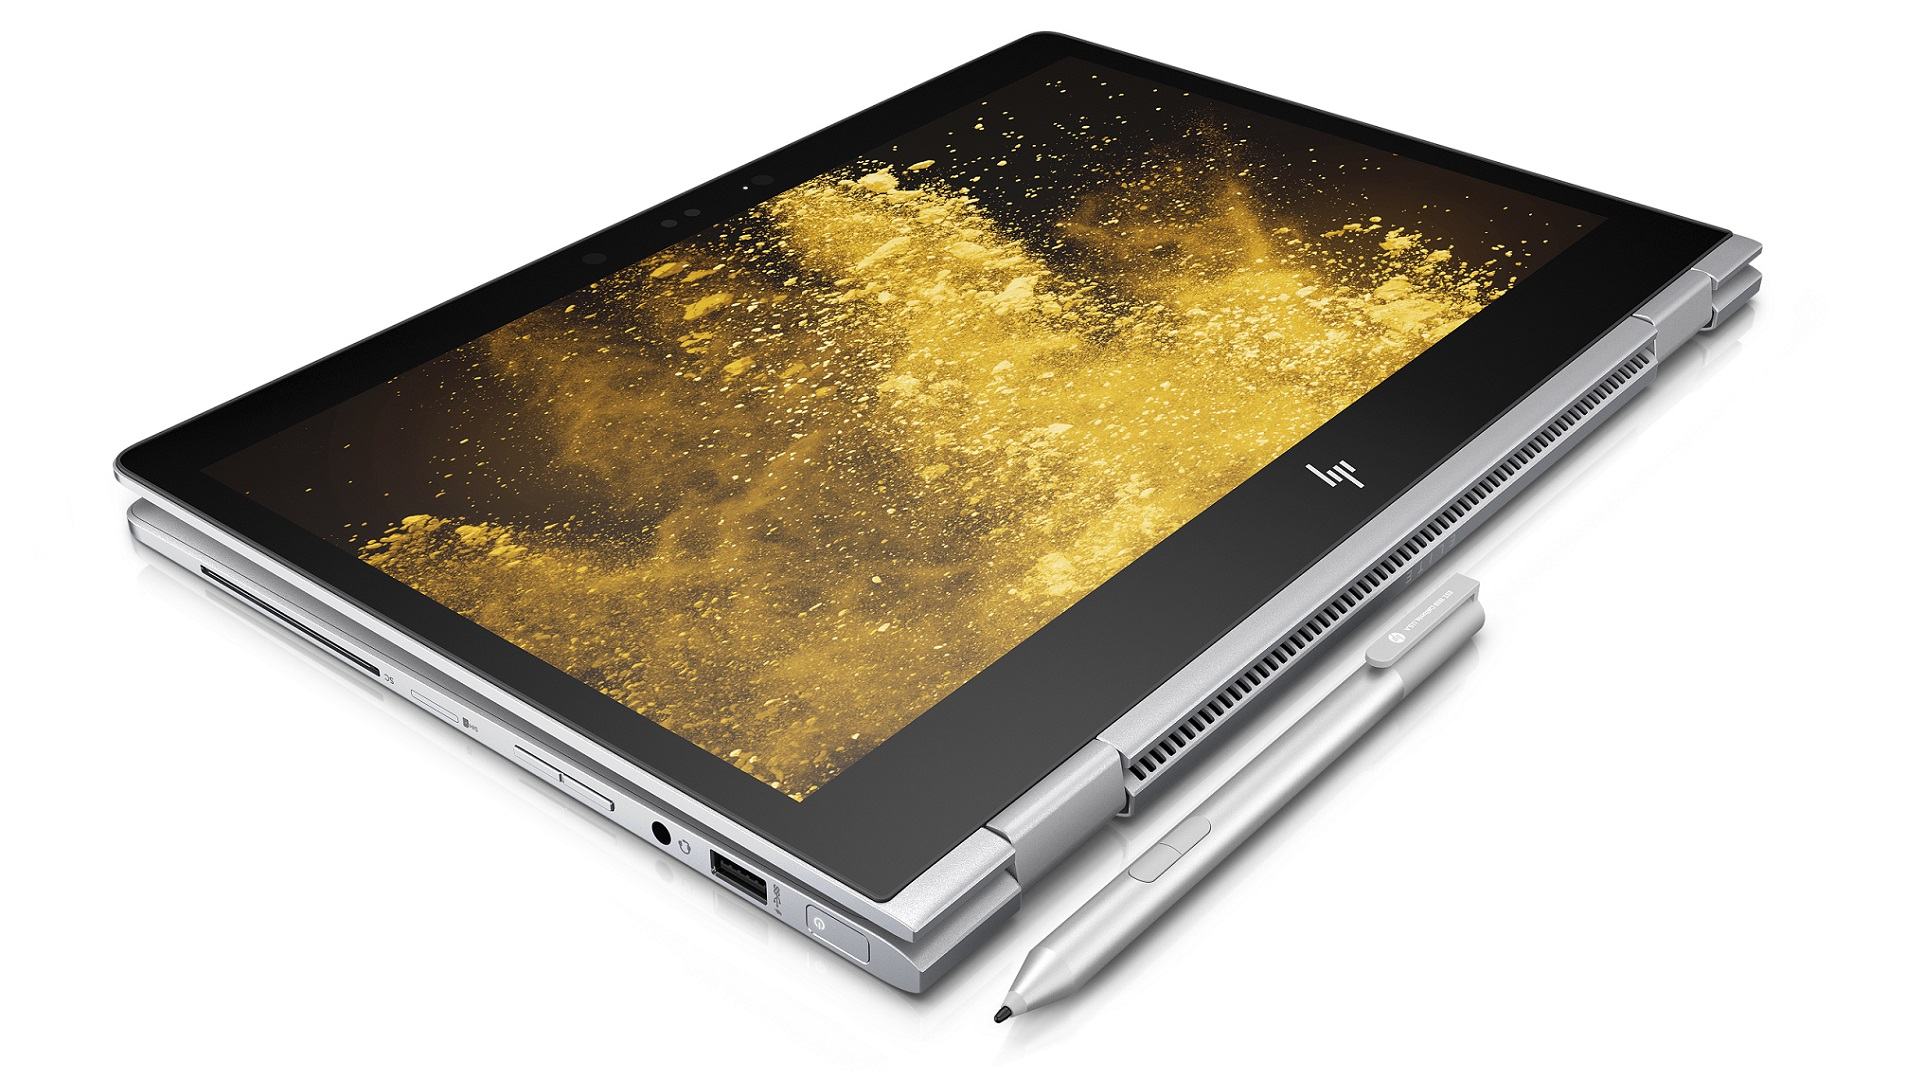 HP EliteBook x360 13 Spectre x360 15 2017 und ENVY Curve AIO 34 vorgestellt – GIGA